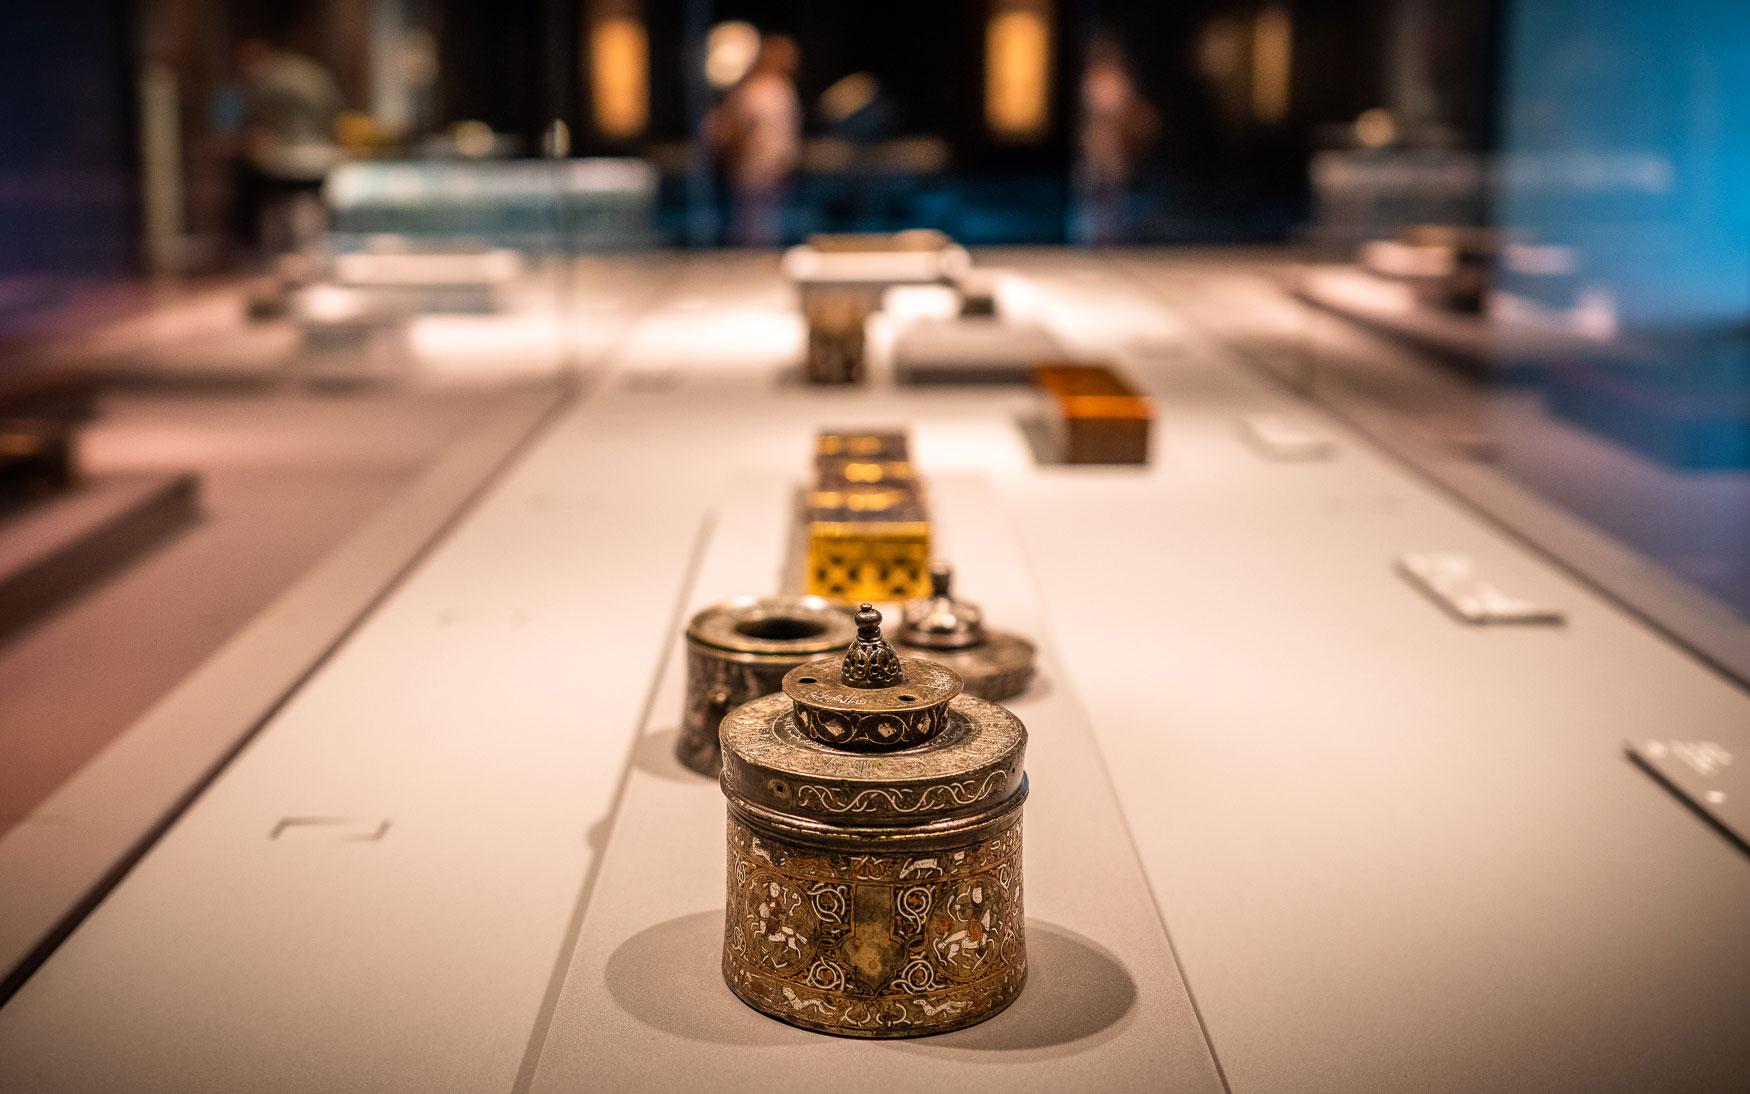 Dieses Museum ist ein echter Blickfang - sowohl von außen als auch innen. Auf Reisen lasse ich Museen oft außen vor. Dieses ist nicht nur architektonisch genial sondern auch von innen sehenswert. Es das @miaqatar gilt als eines der wichtigsten Museen der Arabischen Halbinsel und wurde vom Star-Architekten I. M. Pei entworfen. .